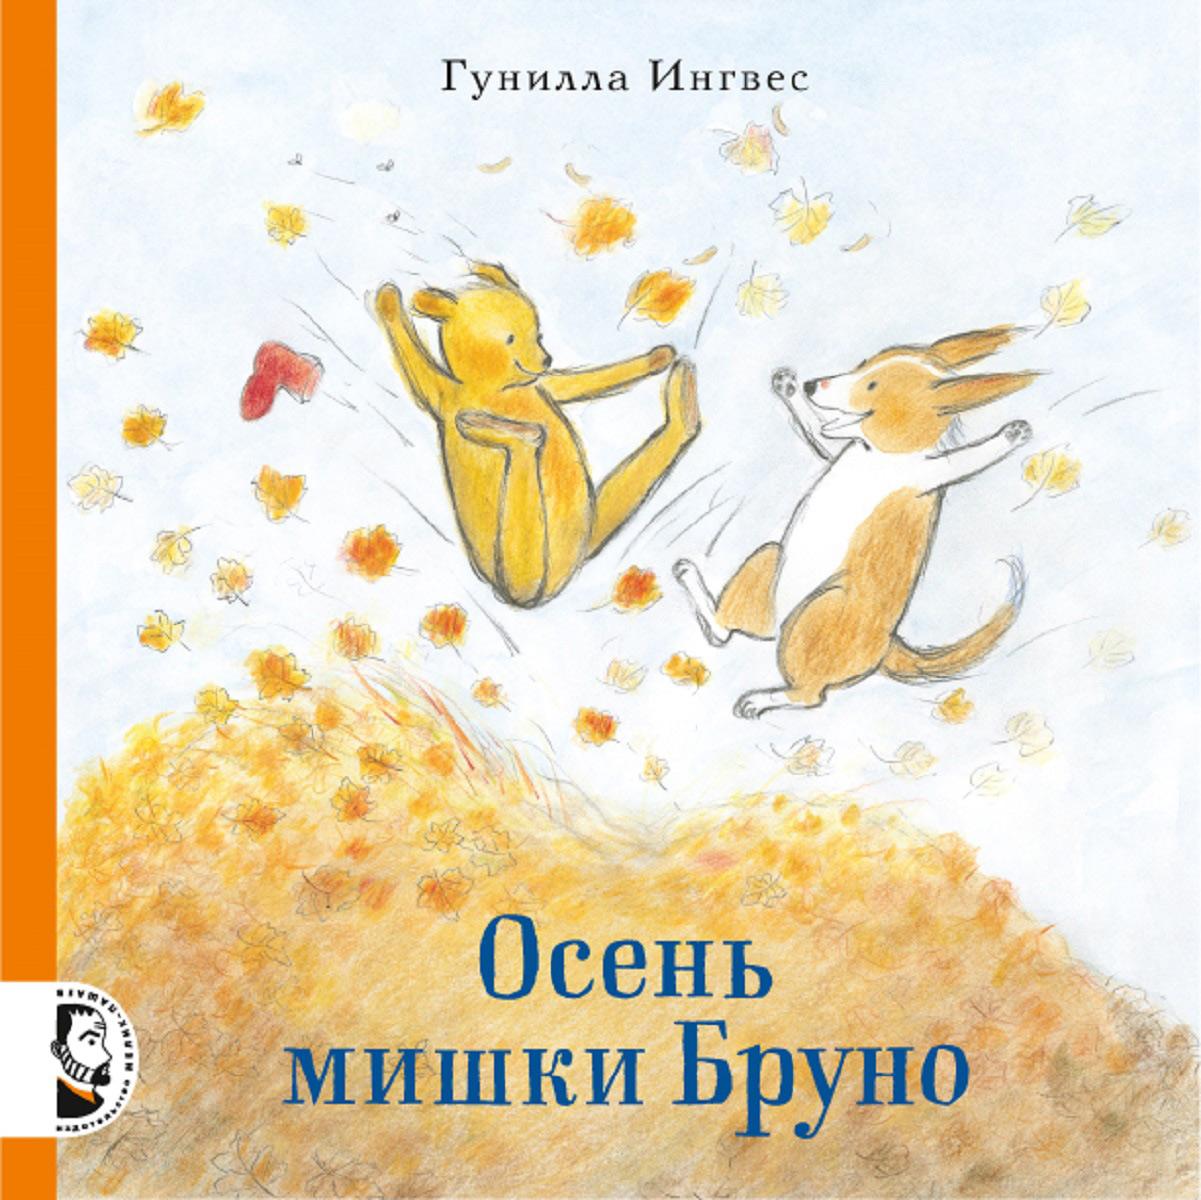 Гунилла Ингвес Осень мишки Бруно гунилла ингвес лето мишки бруно isbn 978 5 00041 141 4